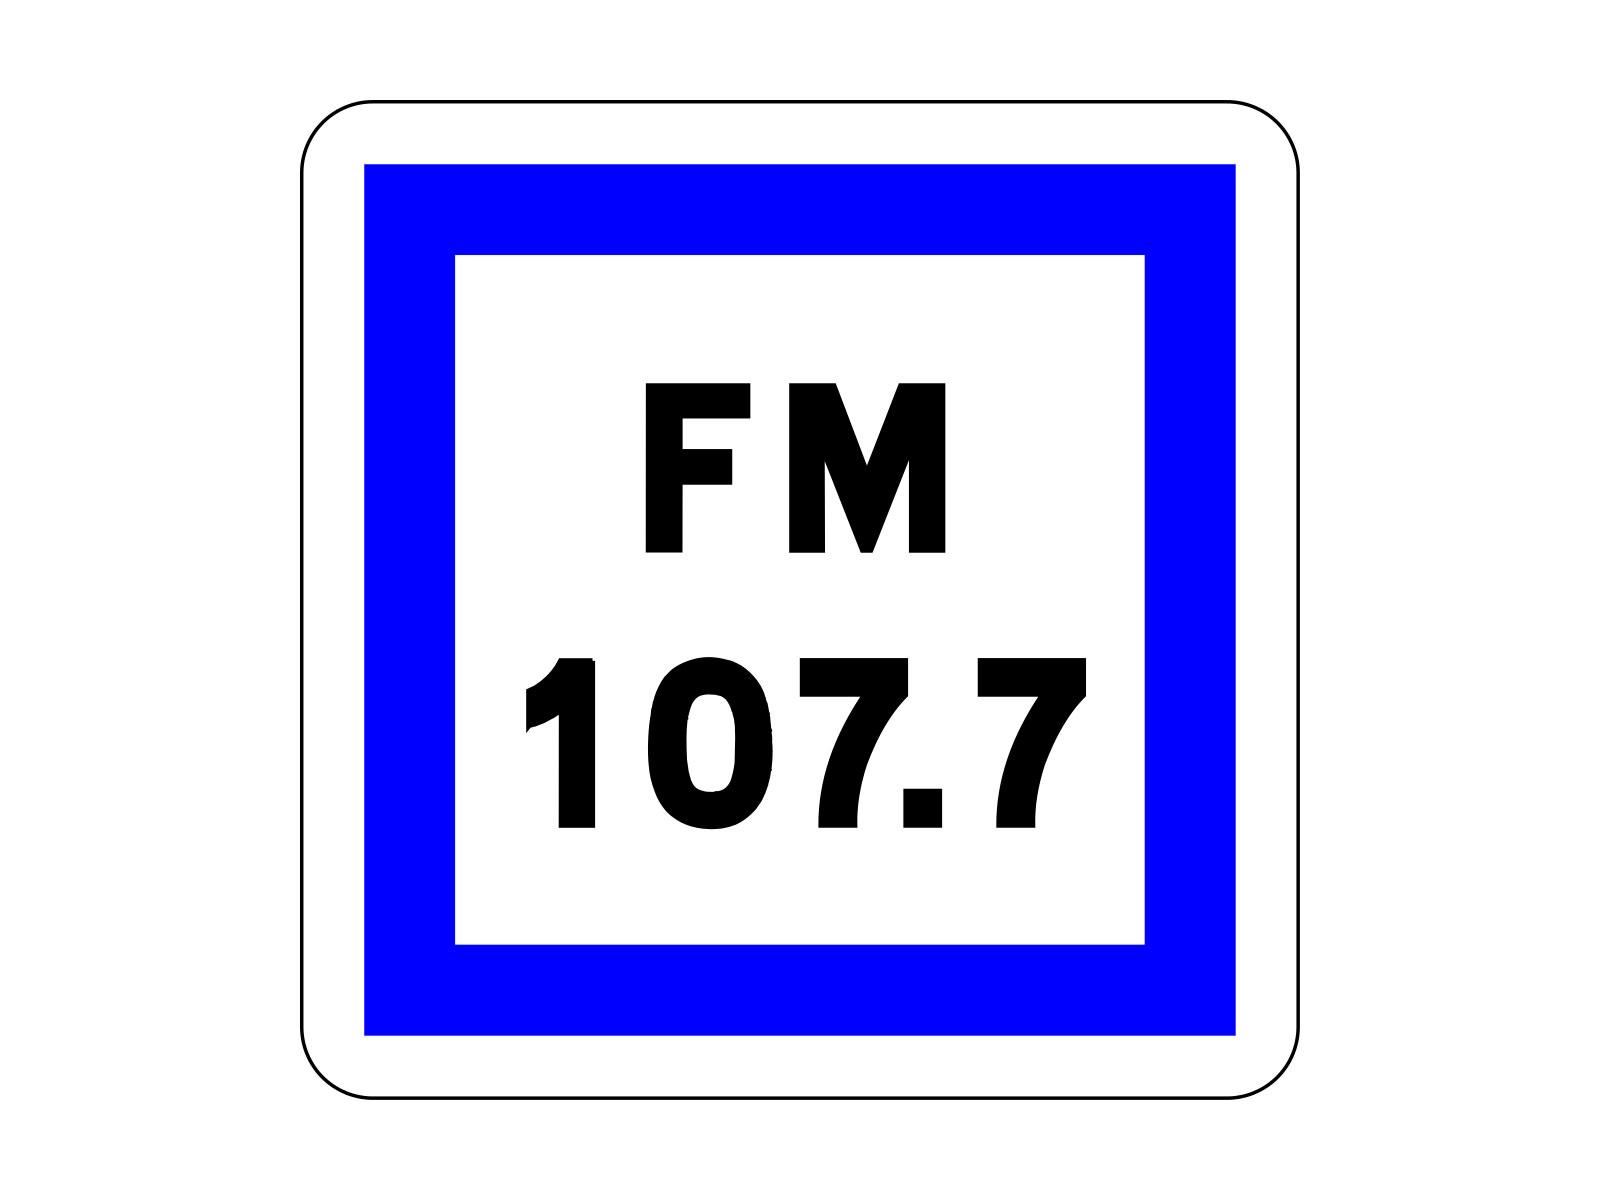 La fréquence FM autoroute 107.7 a été inventée grâce au maire de la plus petite commune de Metz Métropole